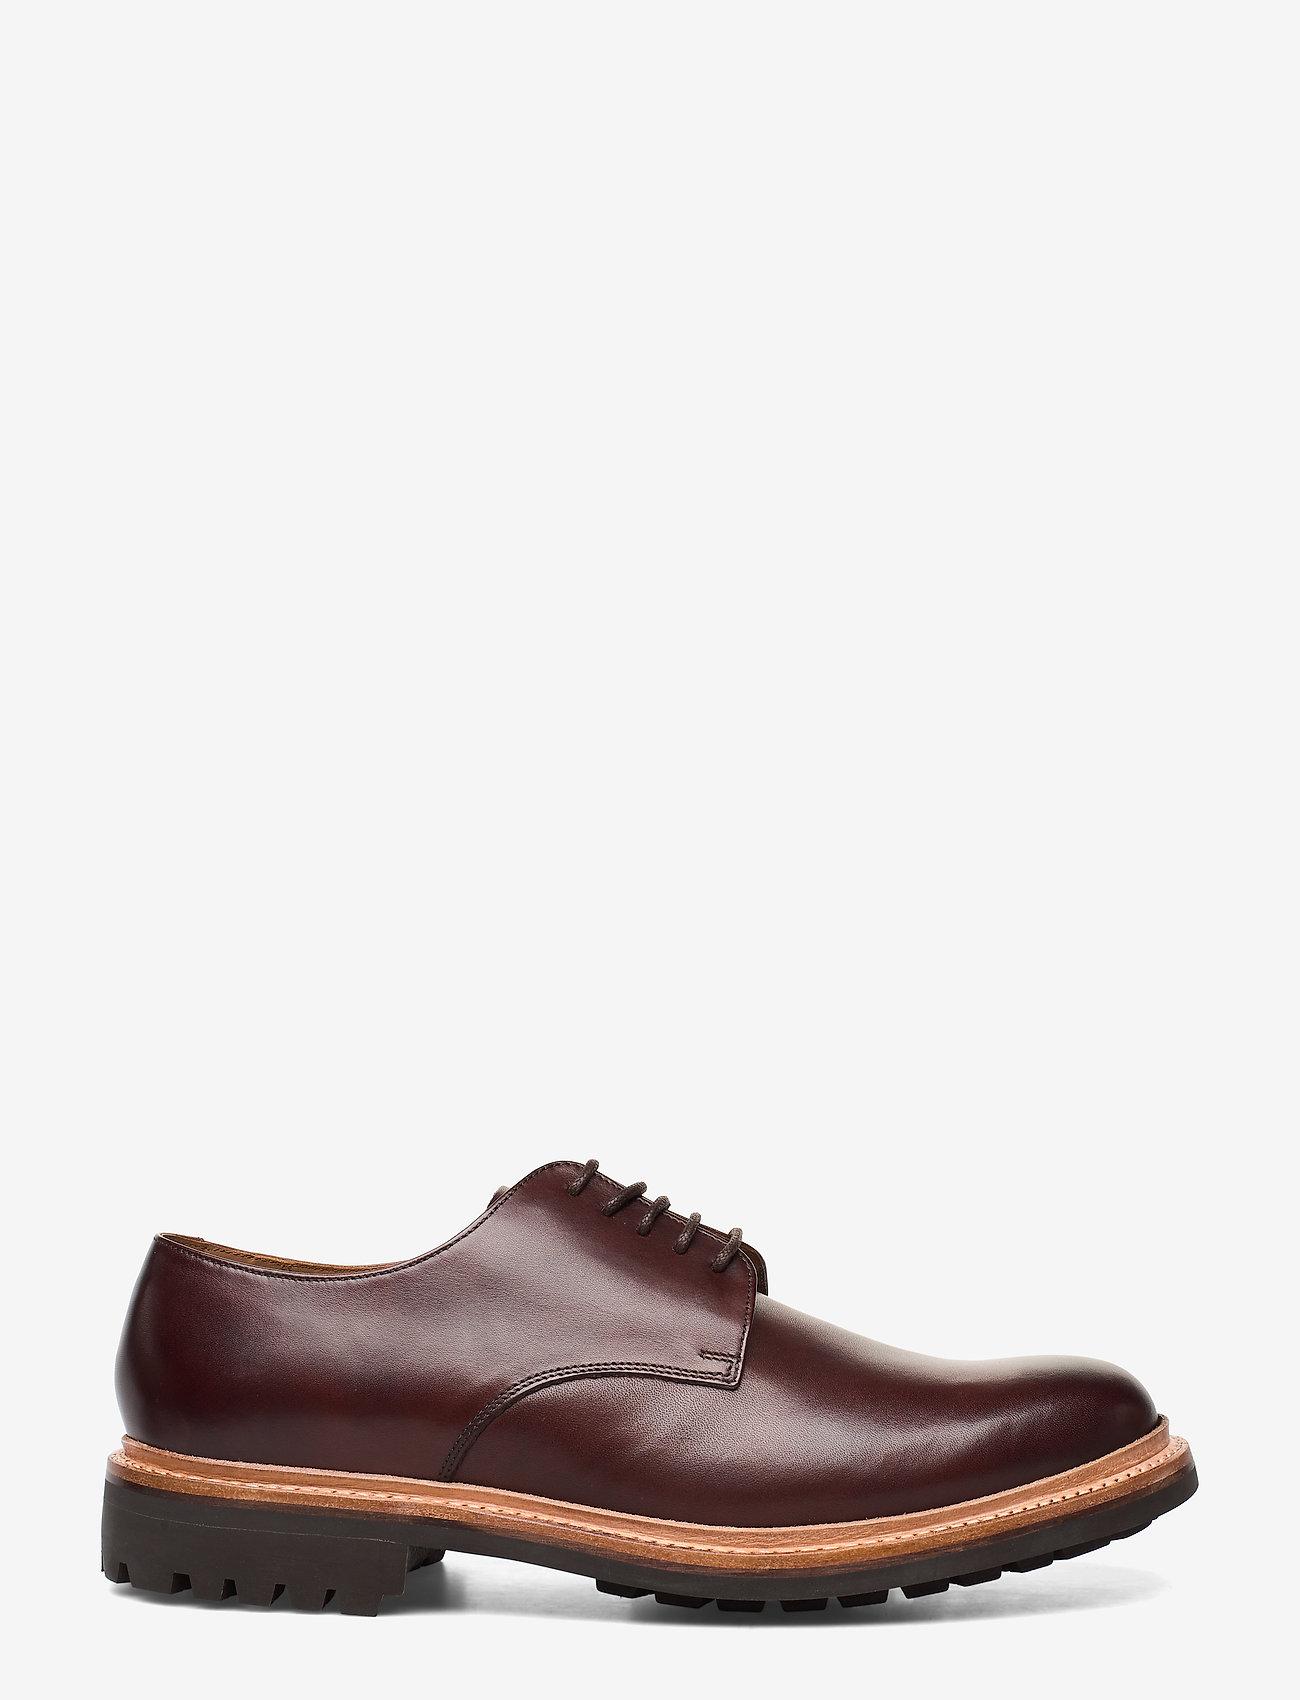 Curt (Brown) (320 €) - Grenson